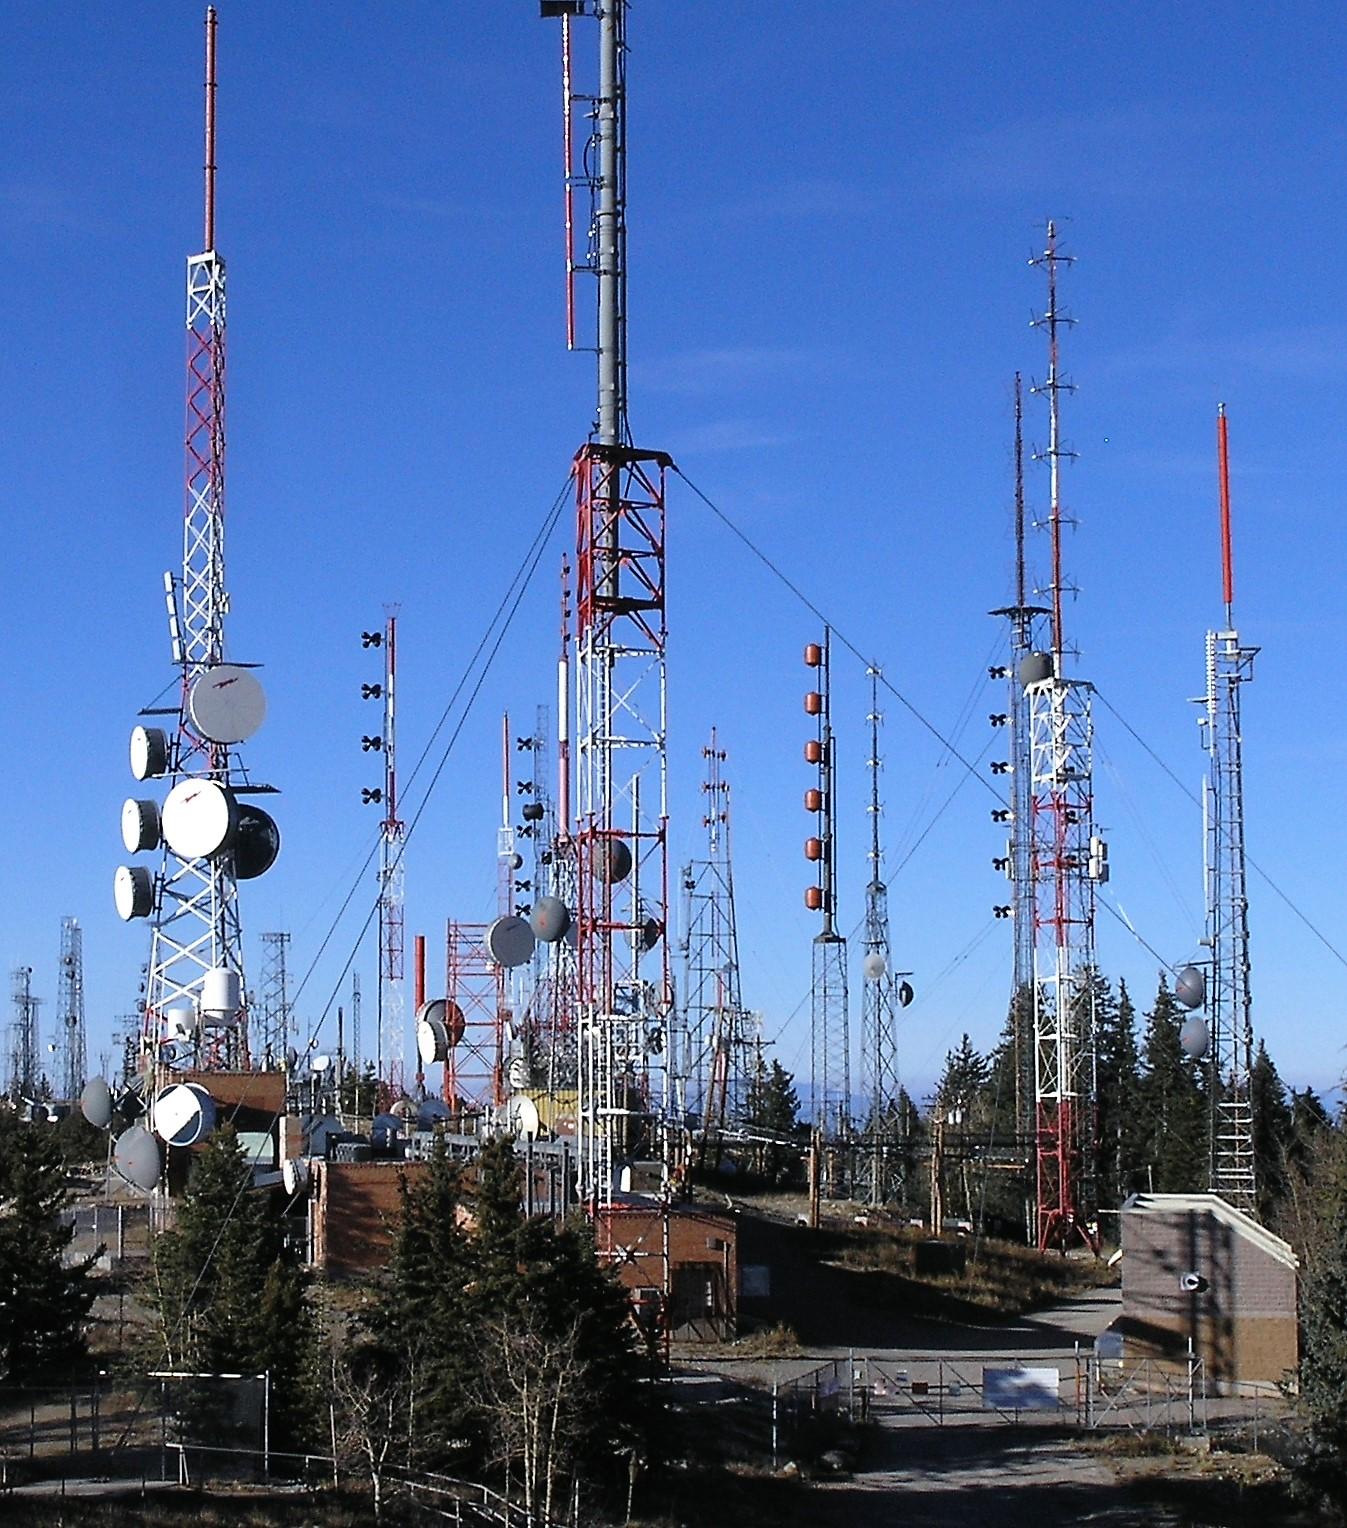 hight resolution of radio